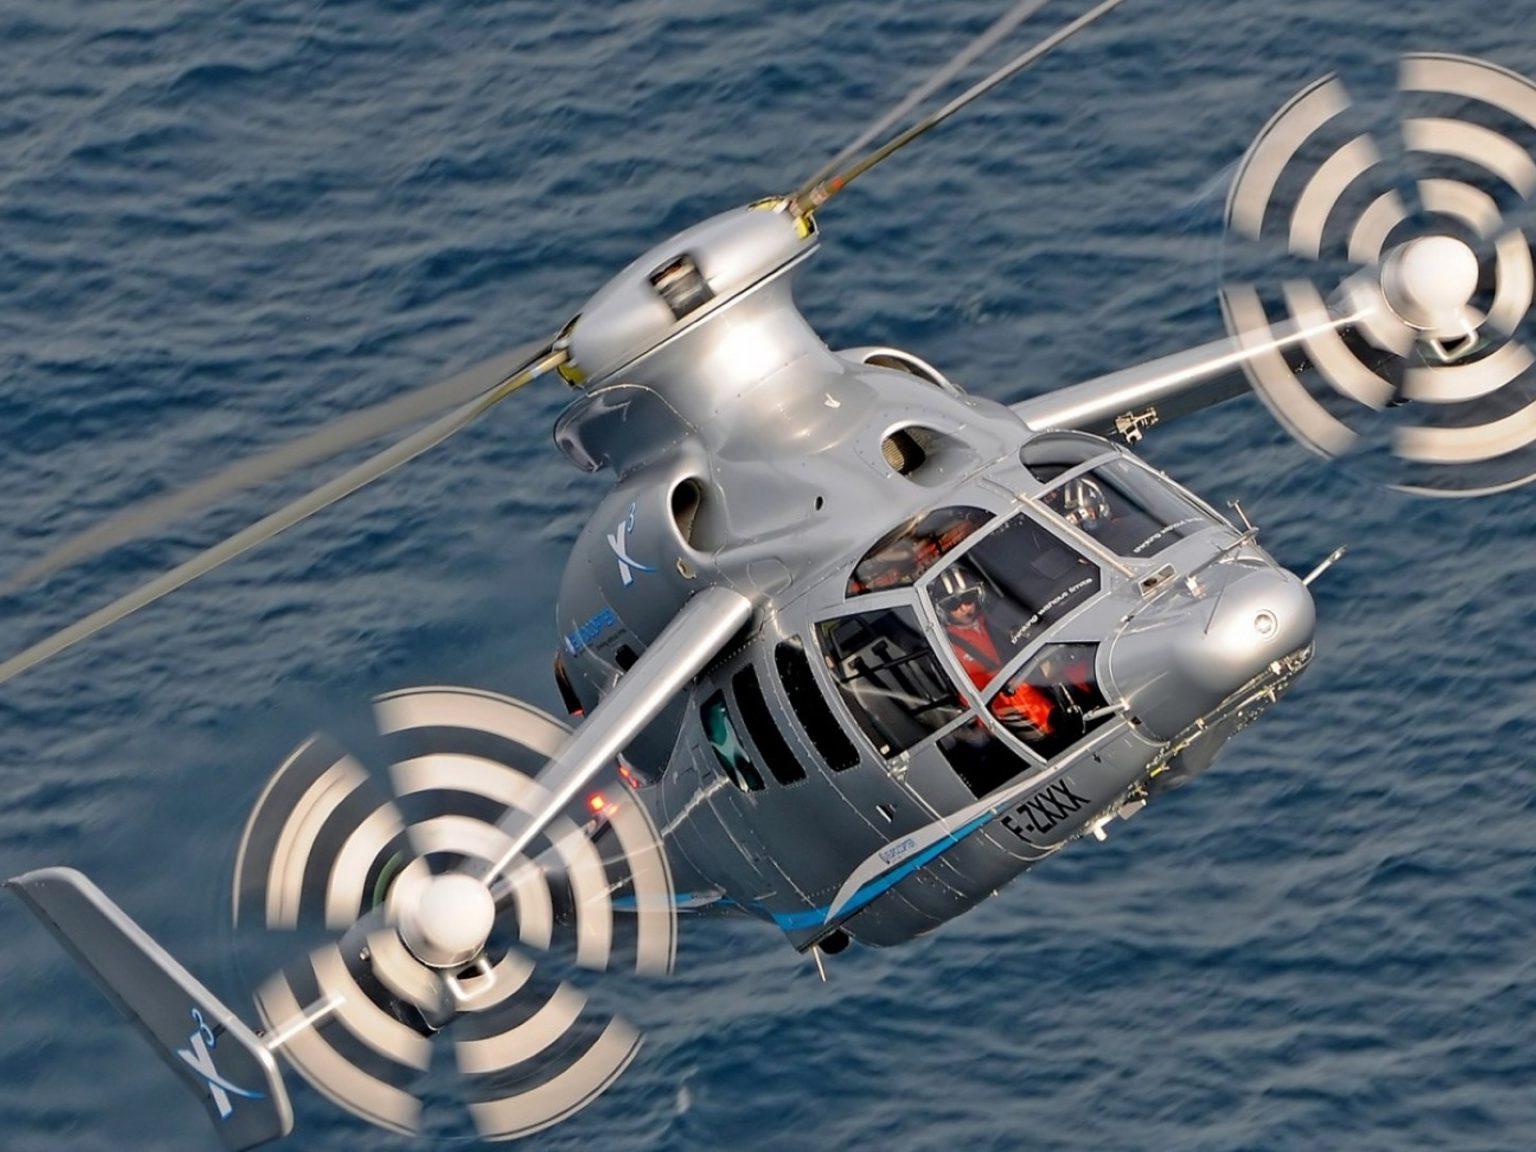 le démonstrateurs X3 d'Airbus ouvre la voie à une utilisation multi-rôle au grand rayon d'action des voilures tournantesrvice des greffons